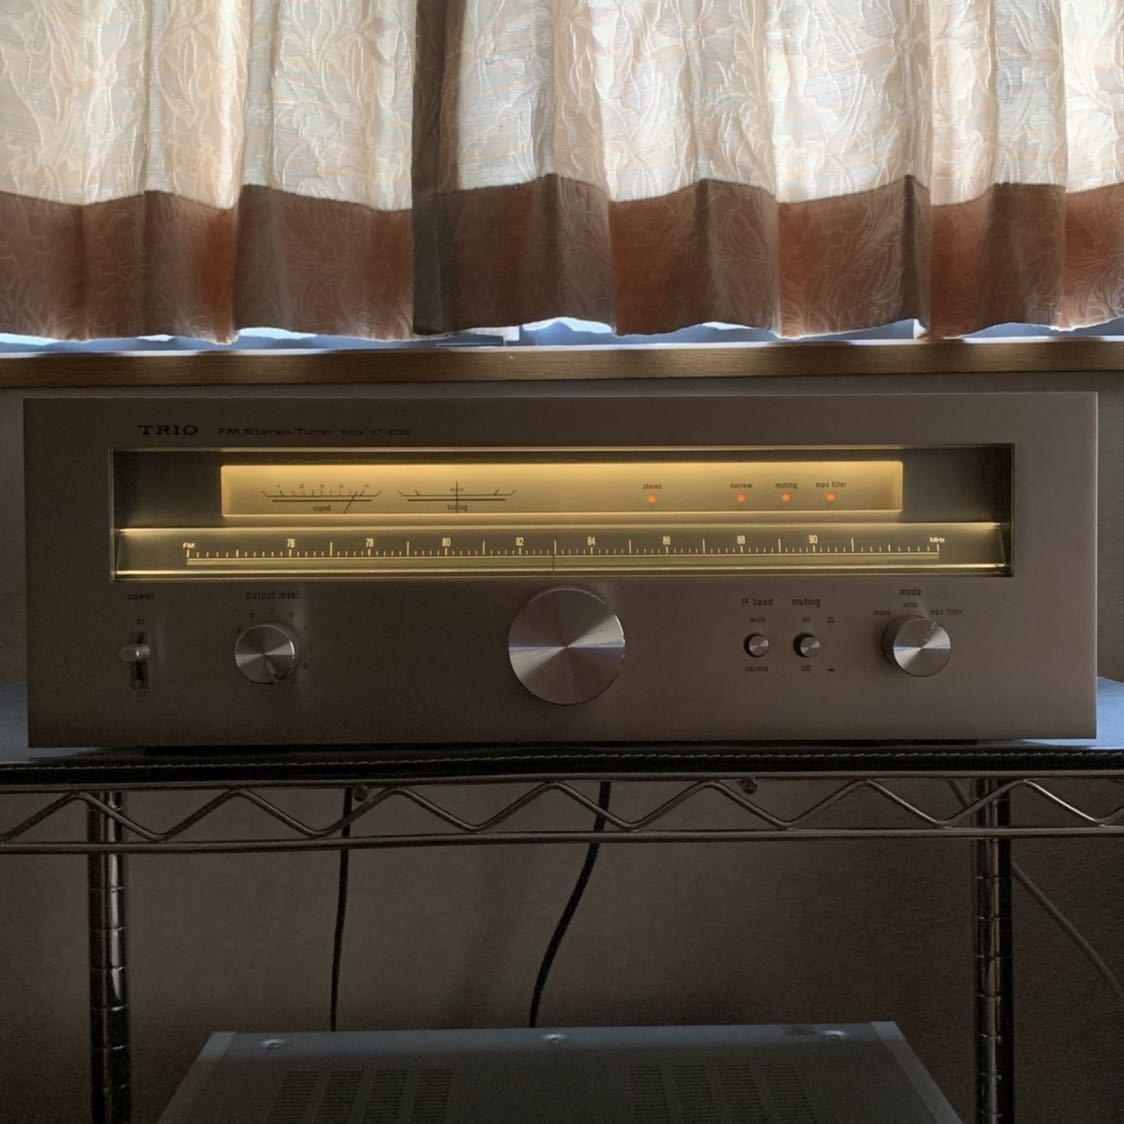 受信感度良好 TRIO トリオ FM 専用 チューナー KT-8000 電源スイッチのみ不良 その他 完動確認_画像3